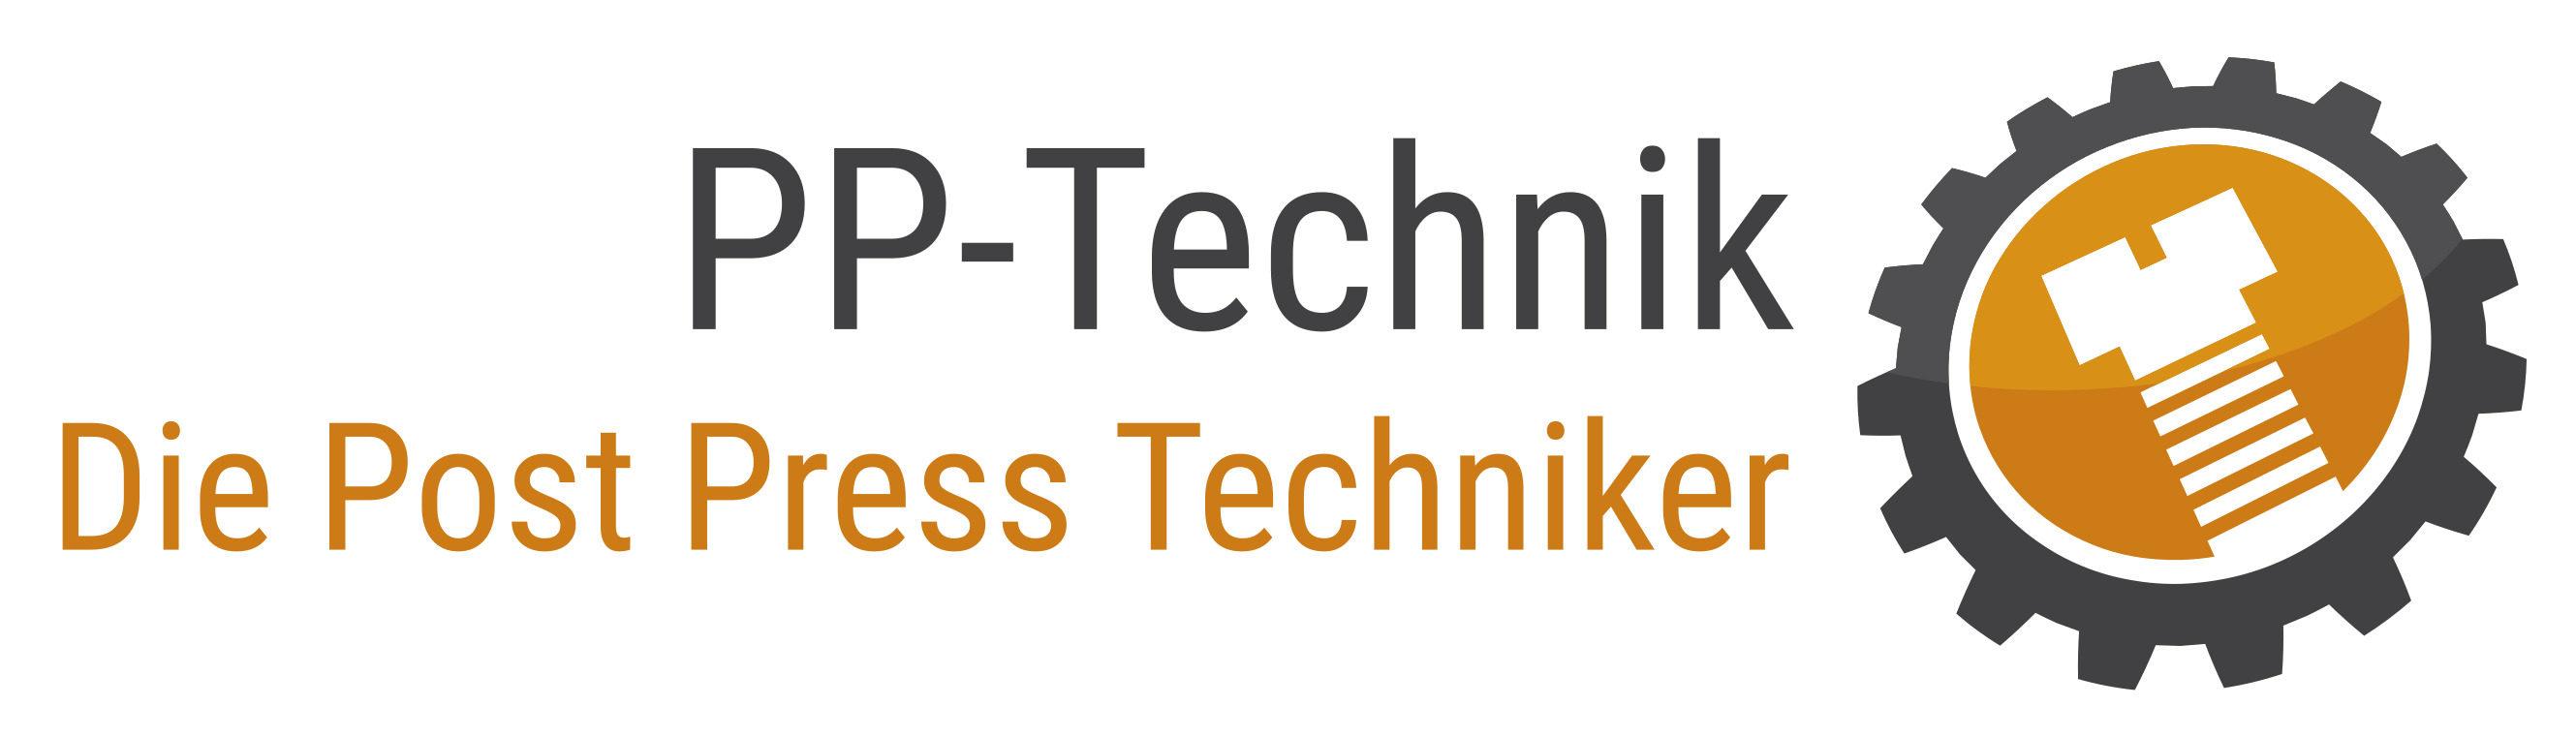 PP-Technik